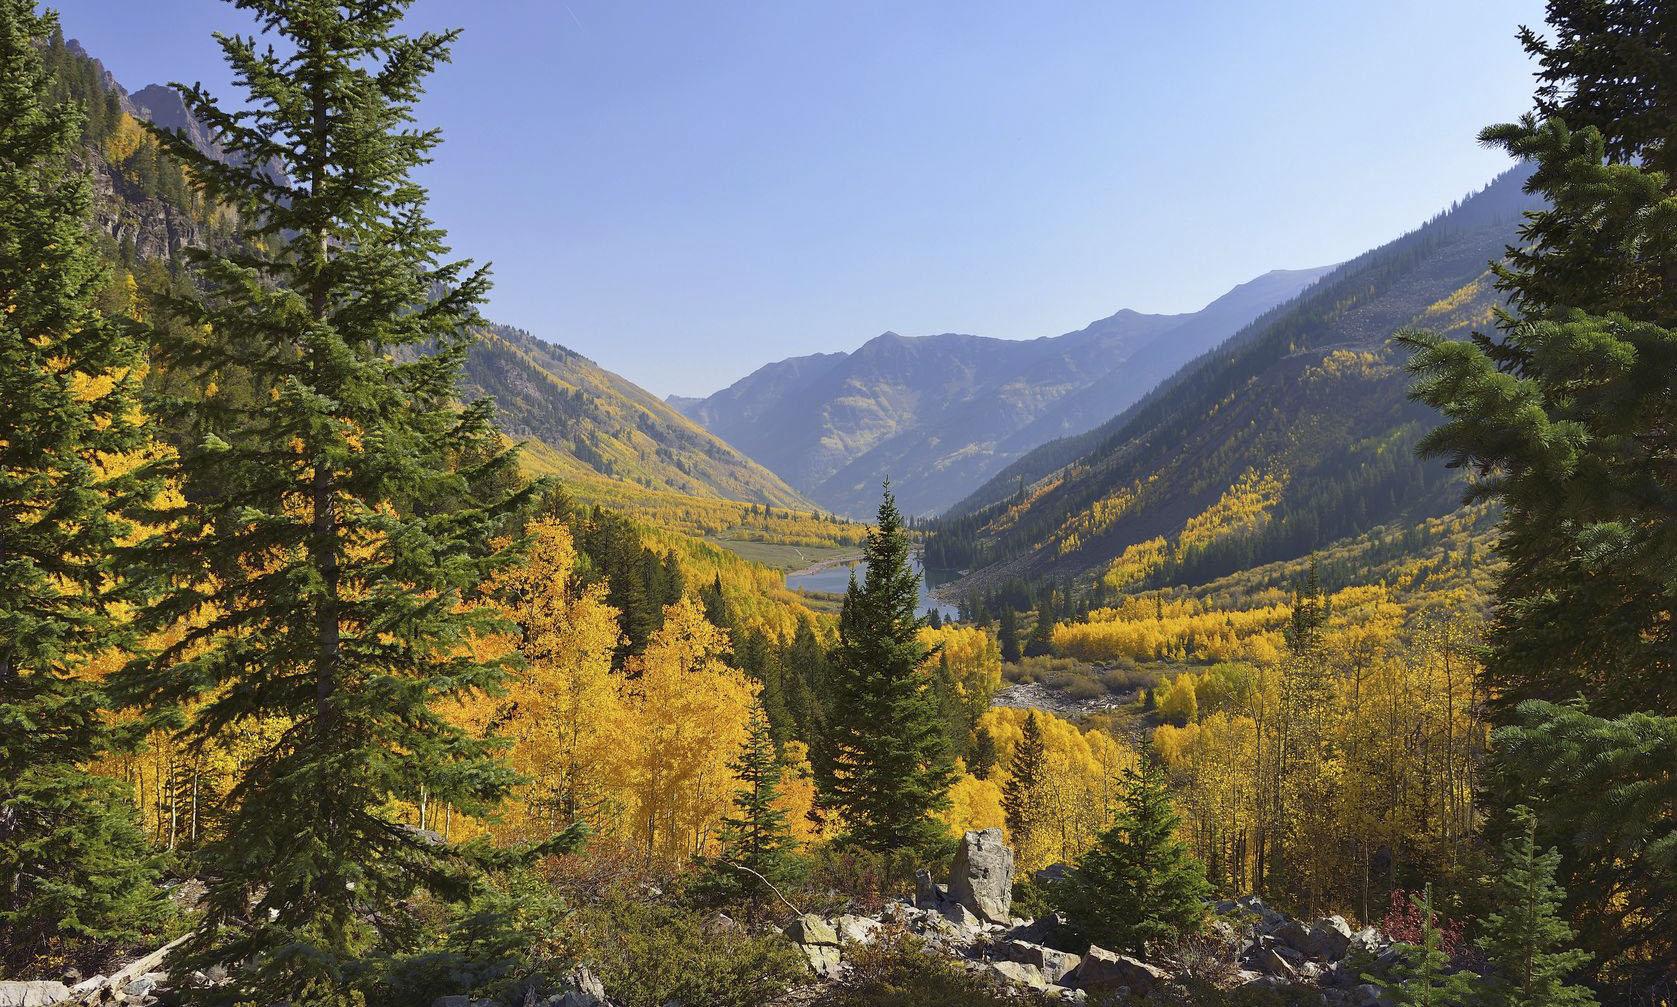 colorado-mountains-5-x-3.jpg